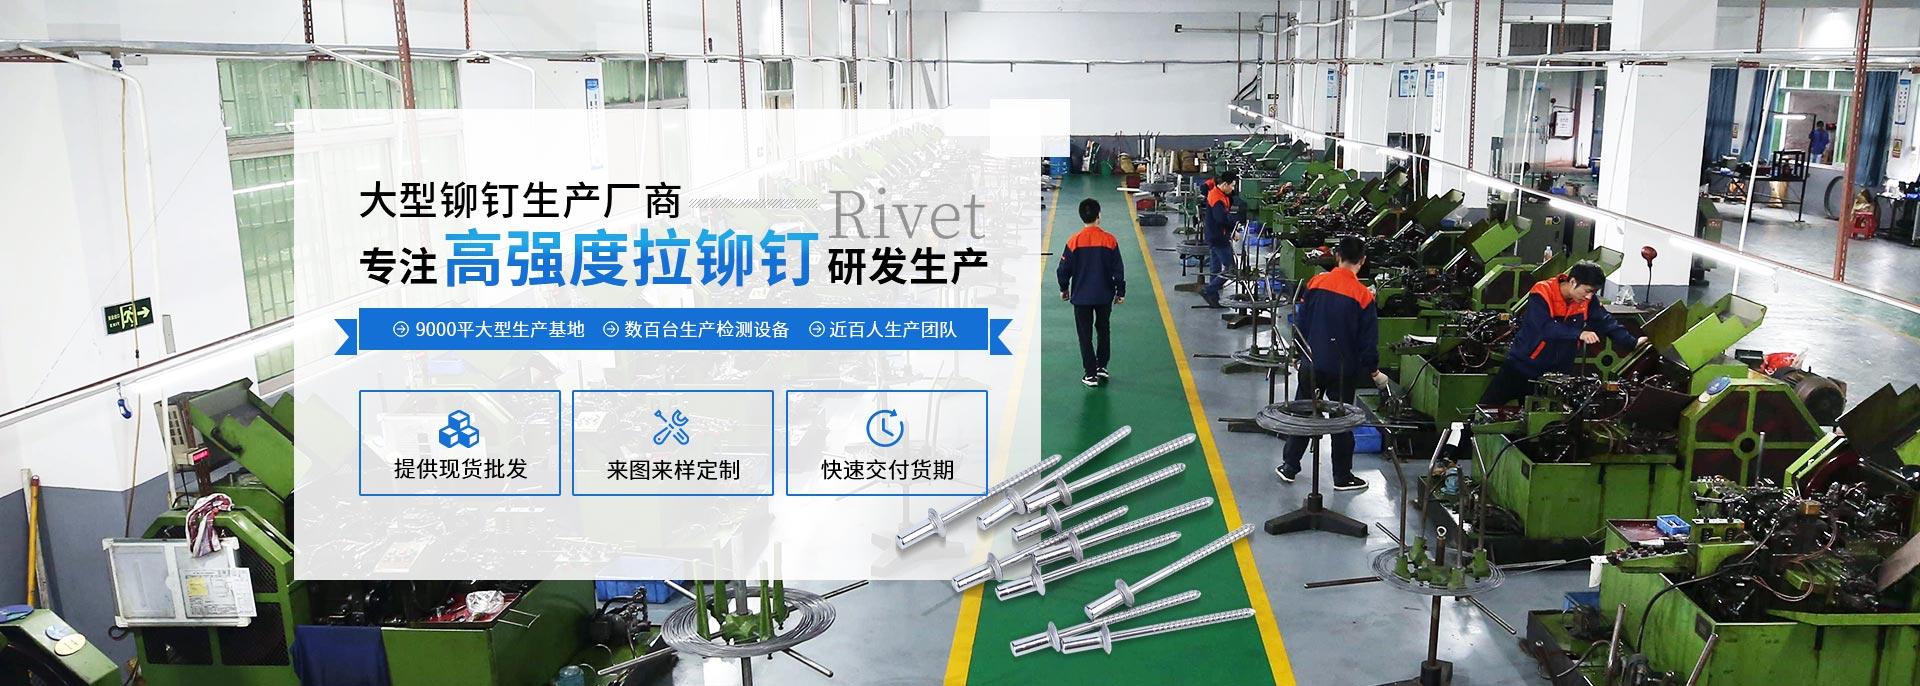 喆堃-大型铆钉生产厂商,专注高强度拉铆钉研发生产